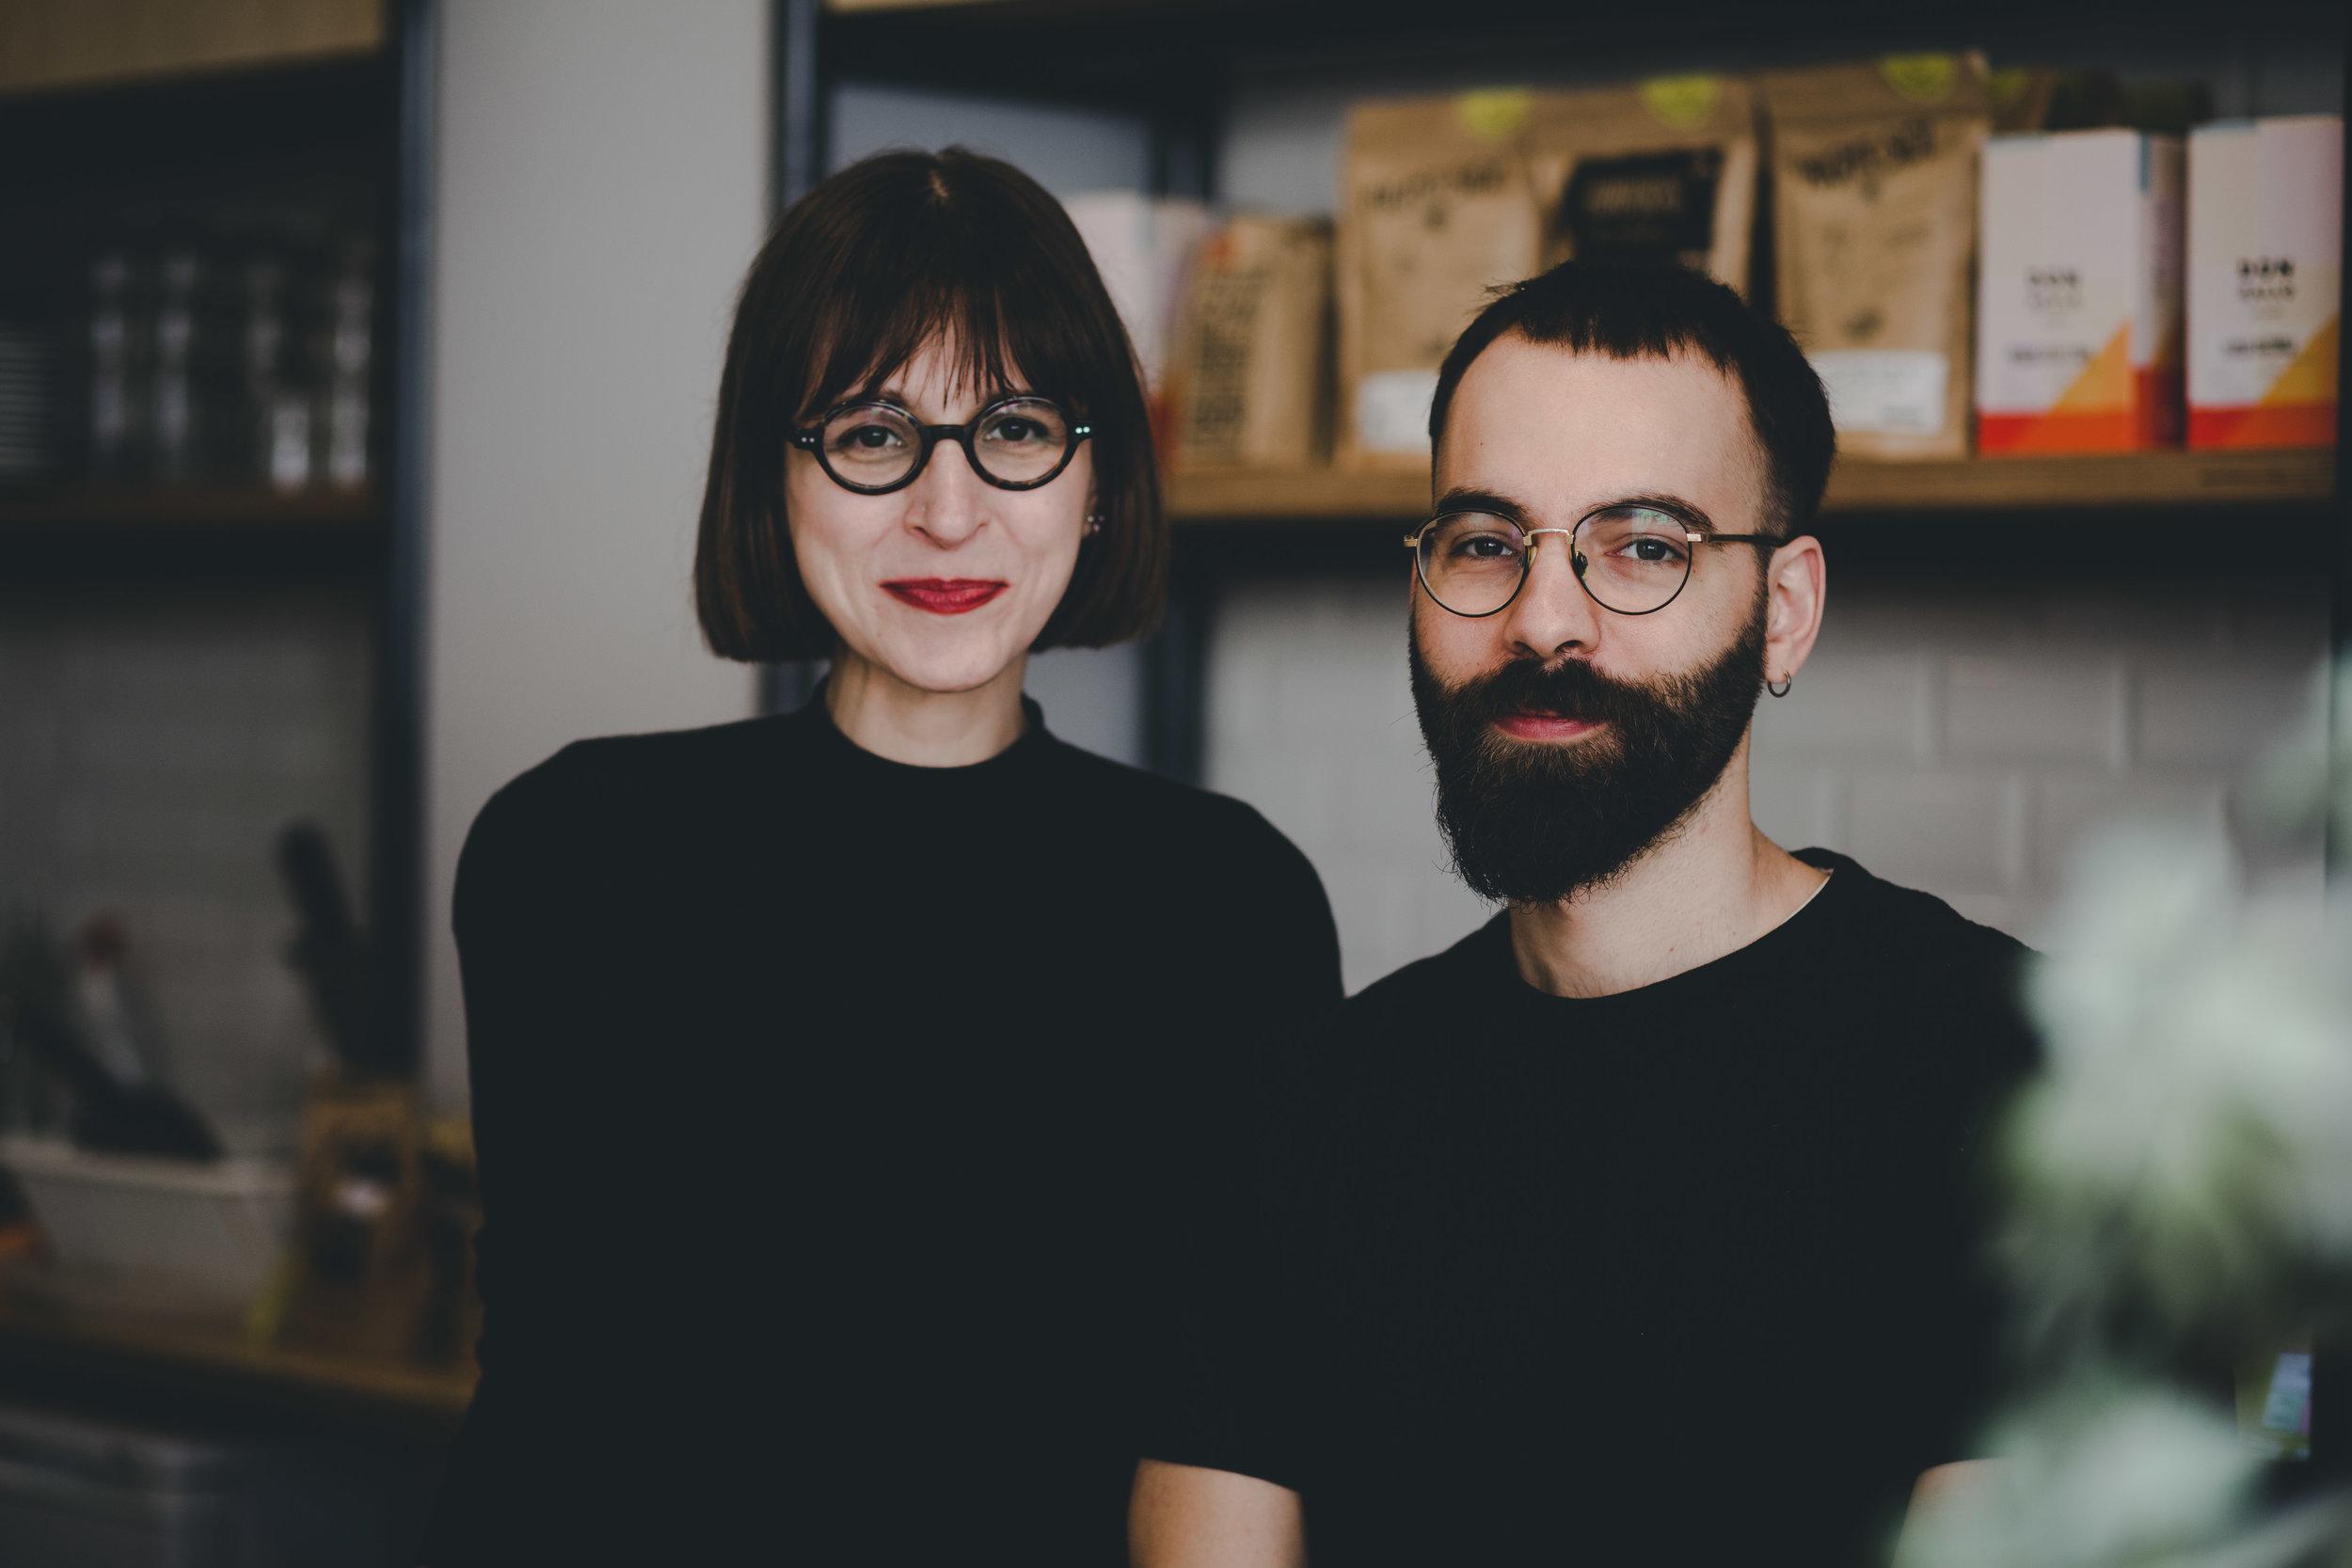 Co-owners Gema and Rafa